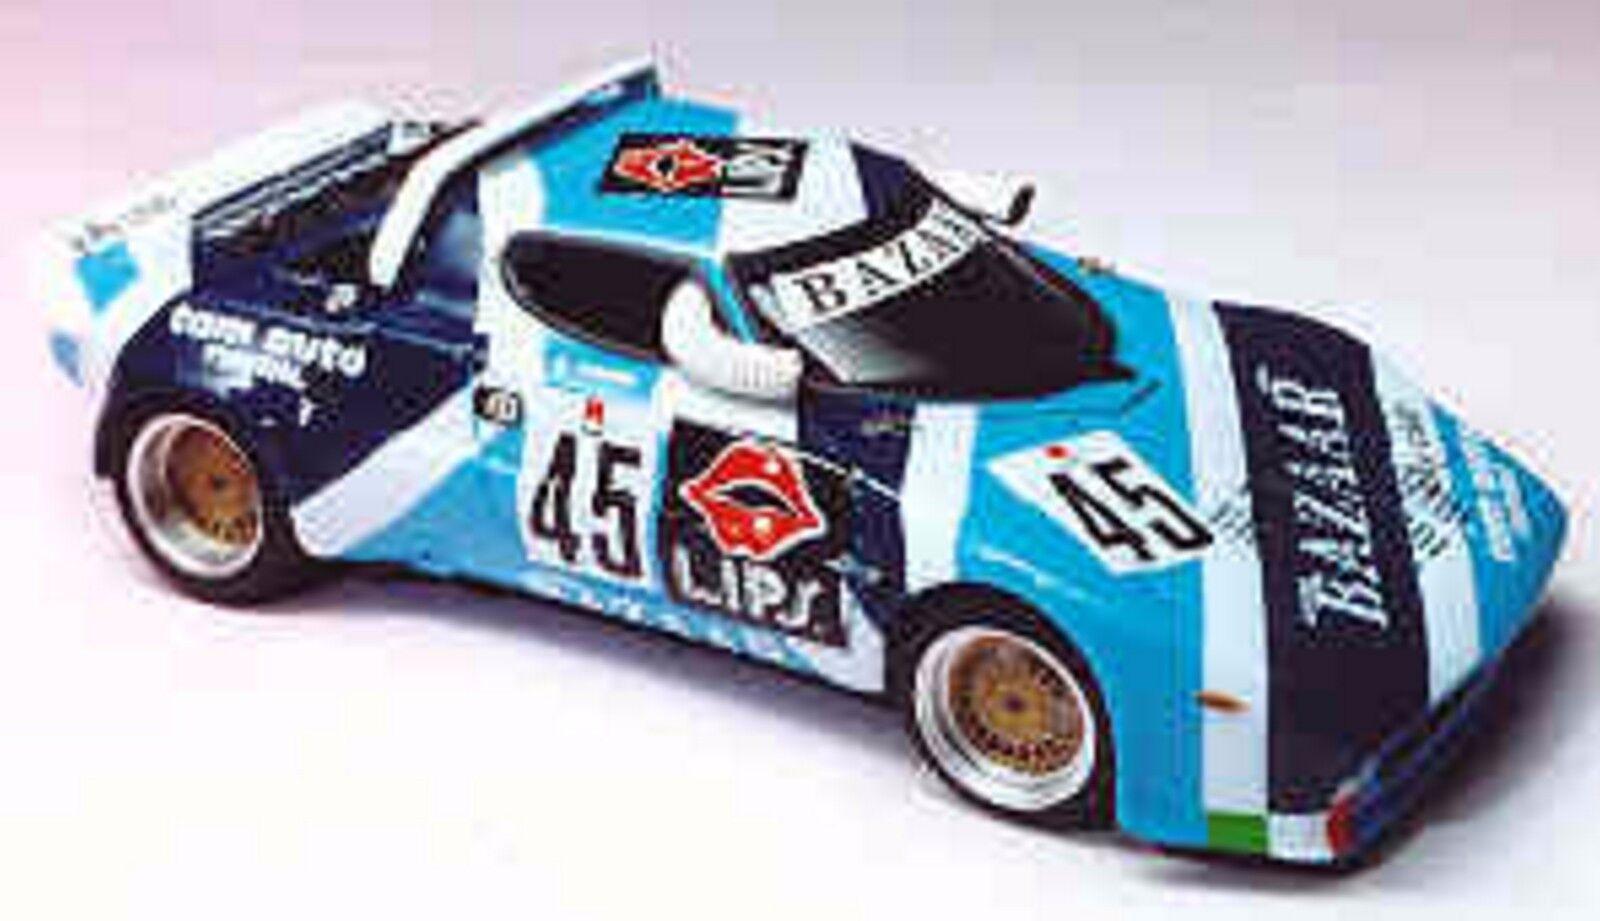 Kit Lancia Stratos Bazar  45 Targa Florio 1975 - Arena Models kit 1 43